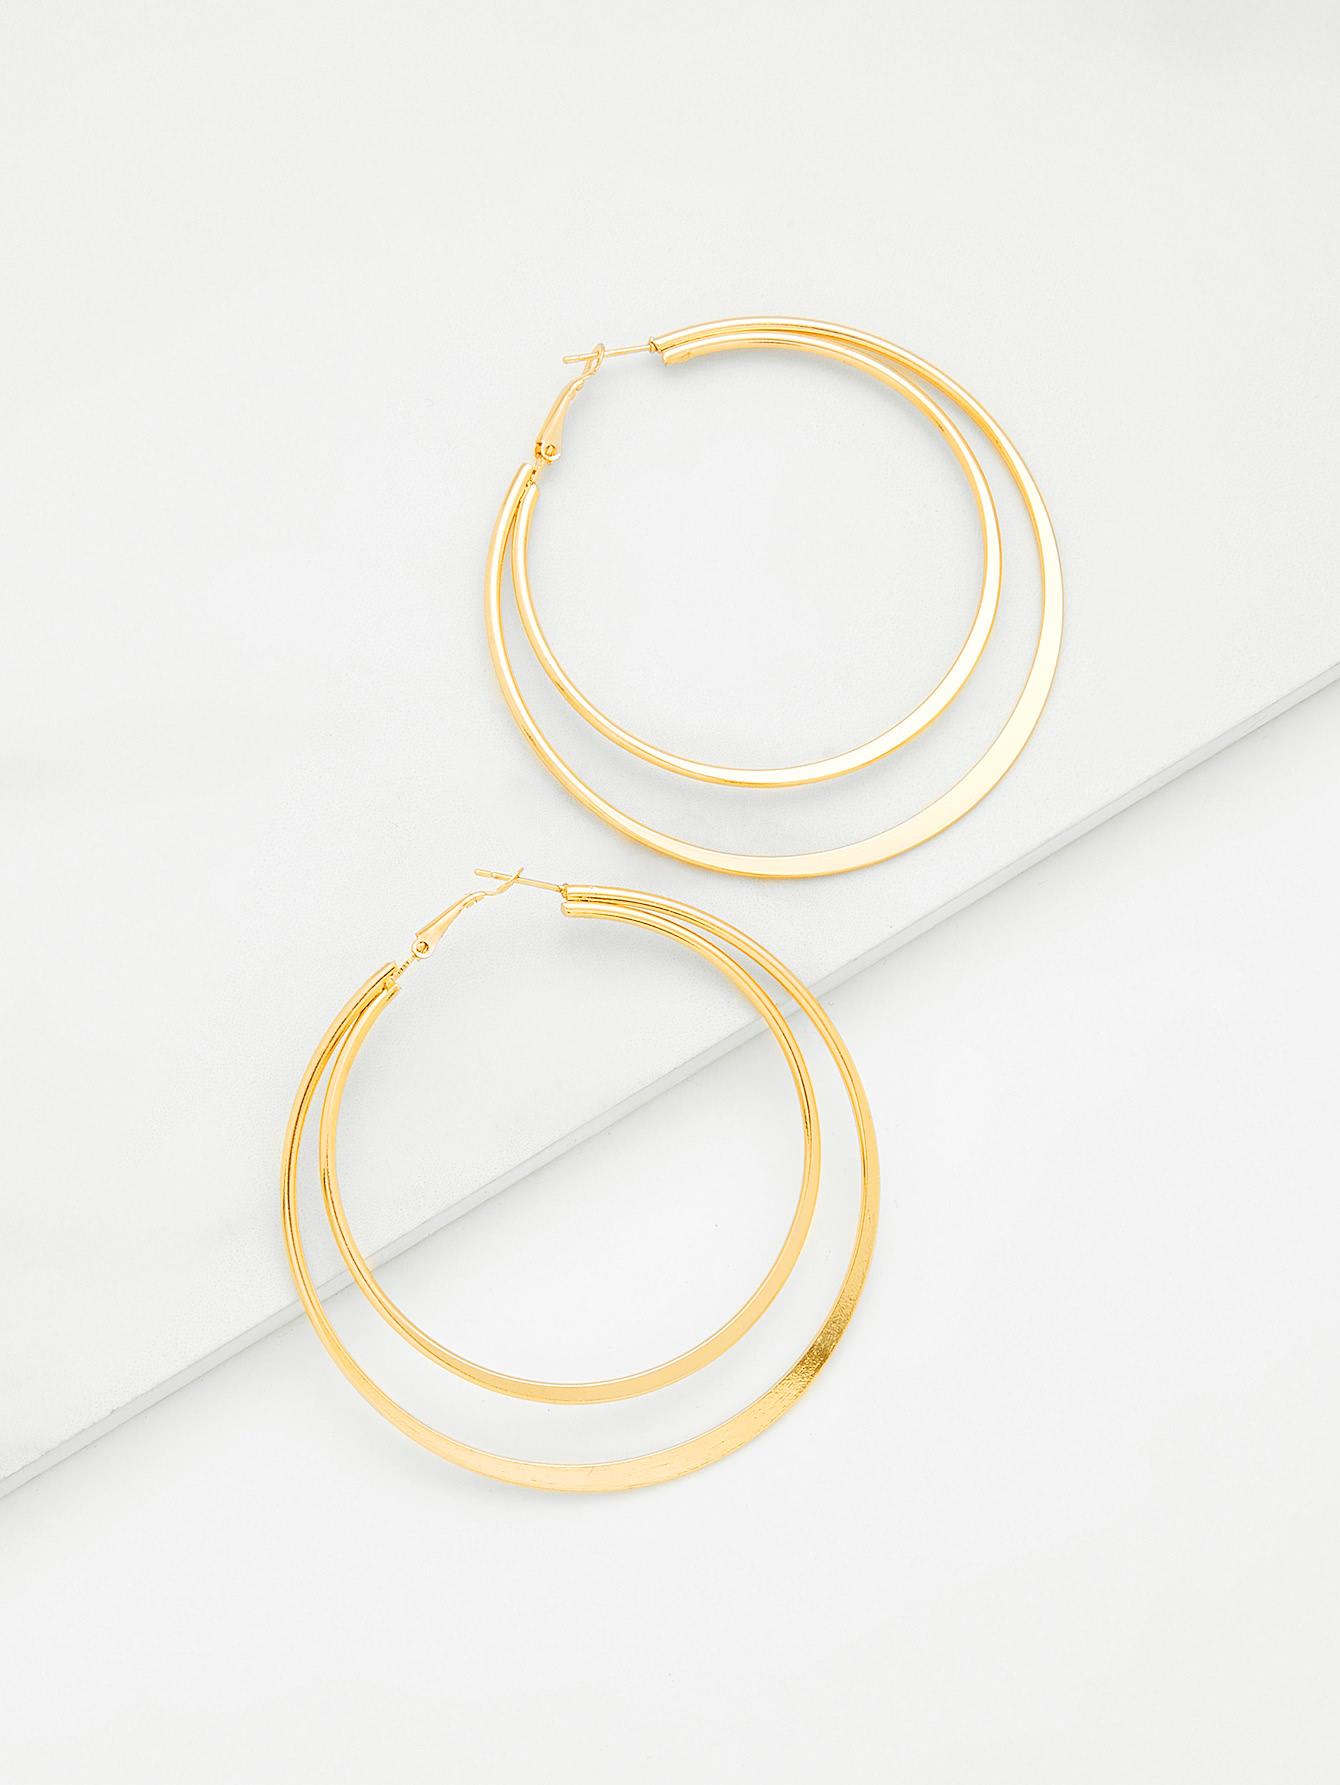 Layered Open Hoop Earrings картридж colortek black для 14854 14855 14856 14857 14858 14860 14861